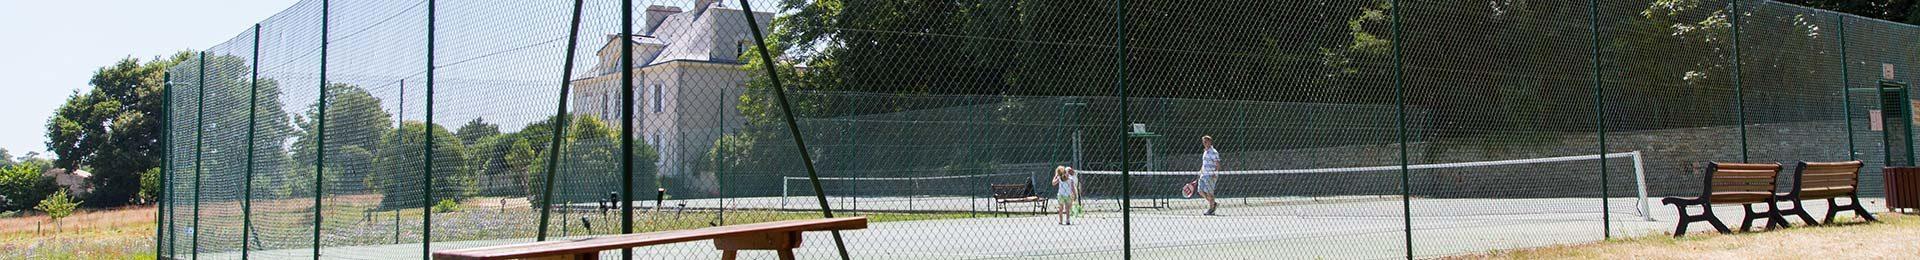 activité tennis en vendée